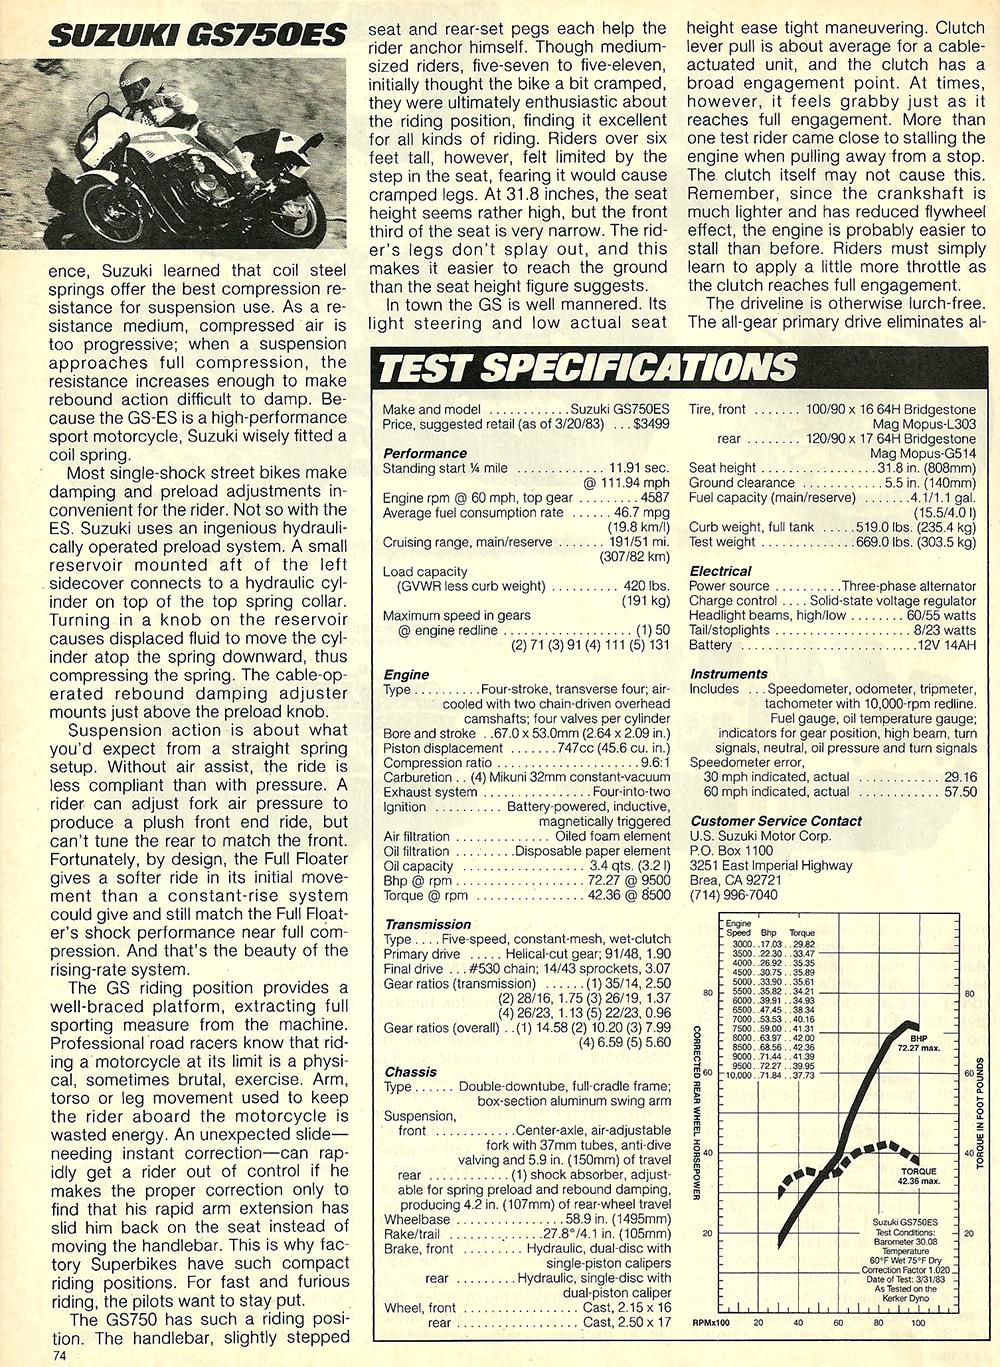 1983 Suzuki GS750ES road test 7.jpg